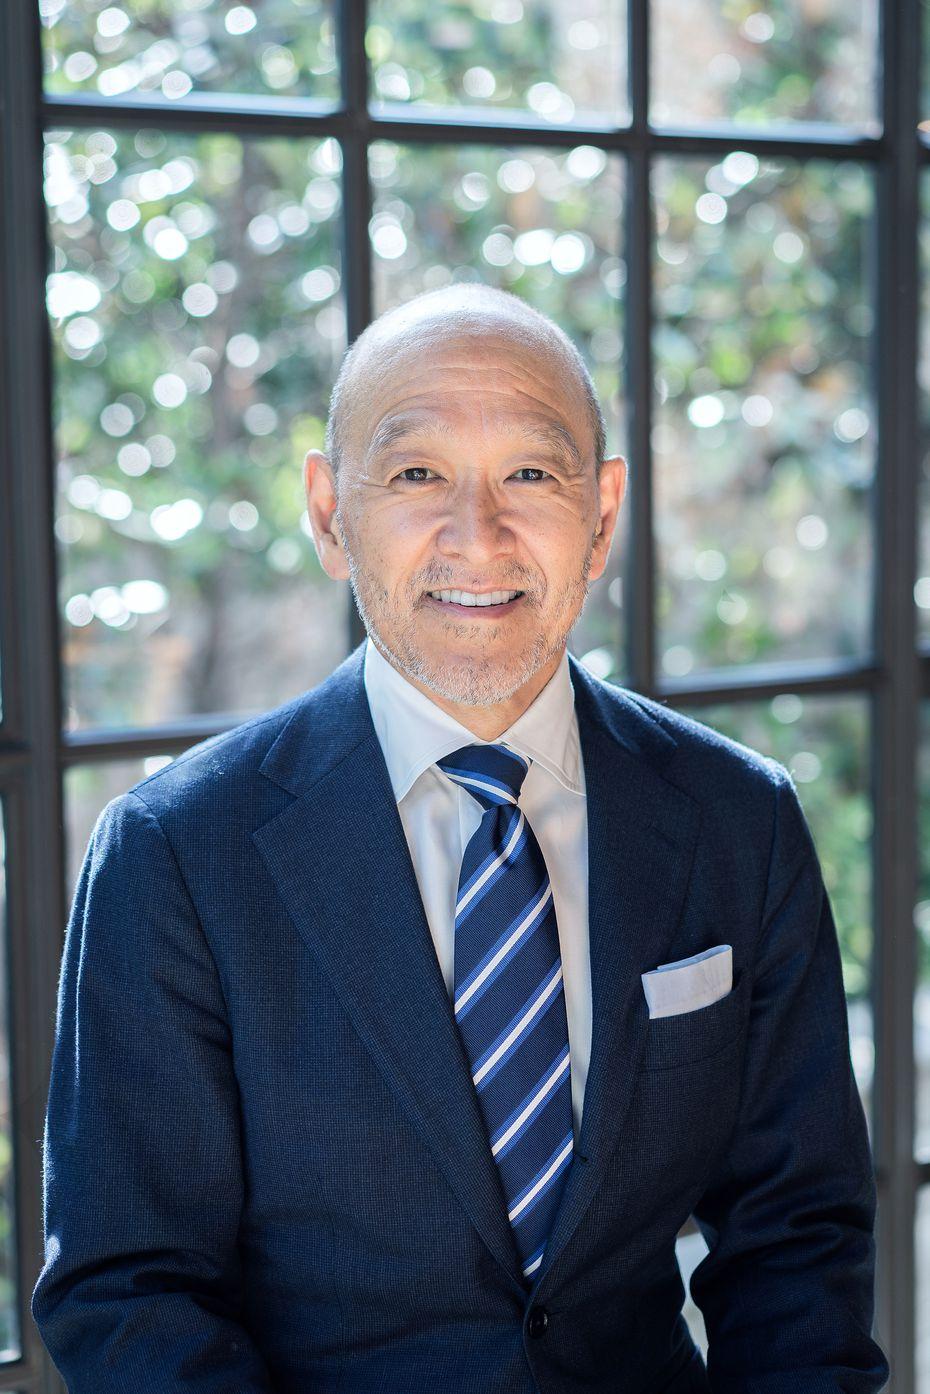 Sycamore Tree Capital Partners CEO Mark Okada.